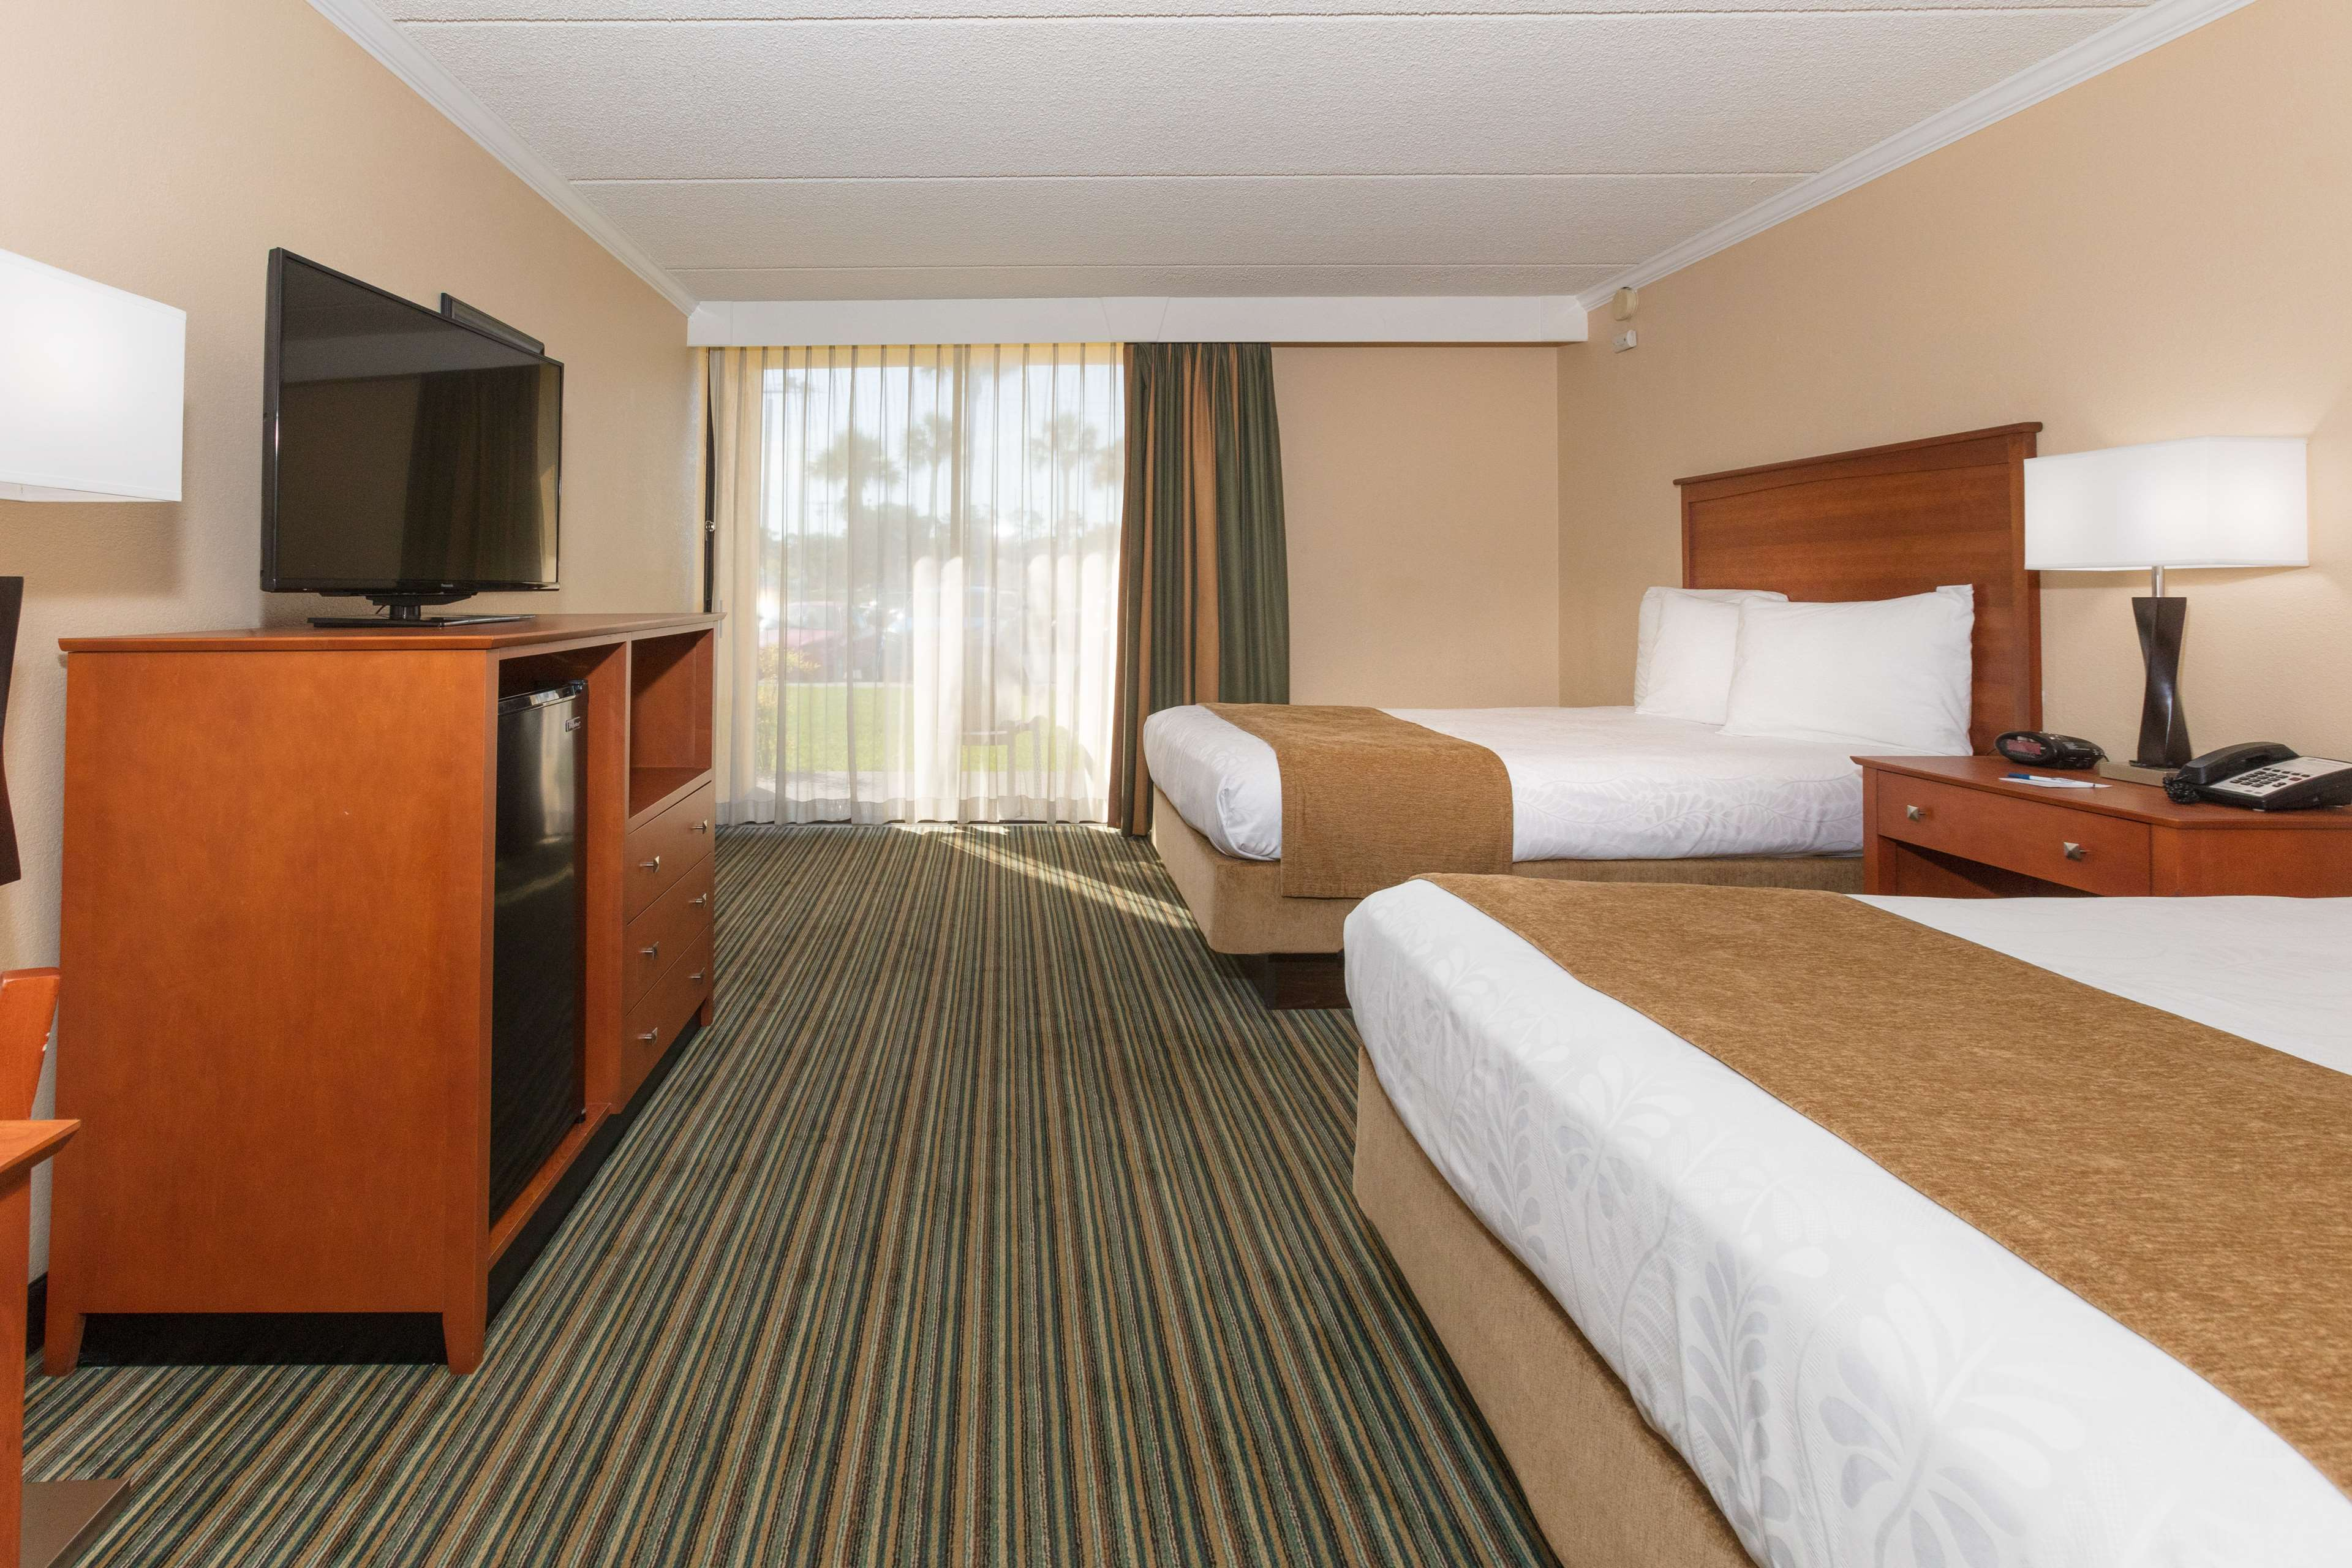 Best Western International Speedway Hotel image 19